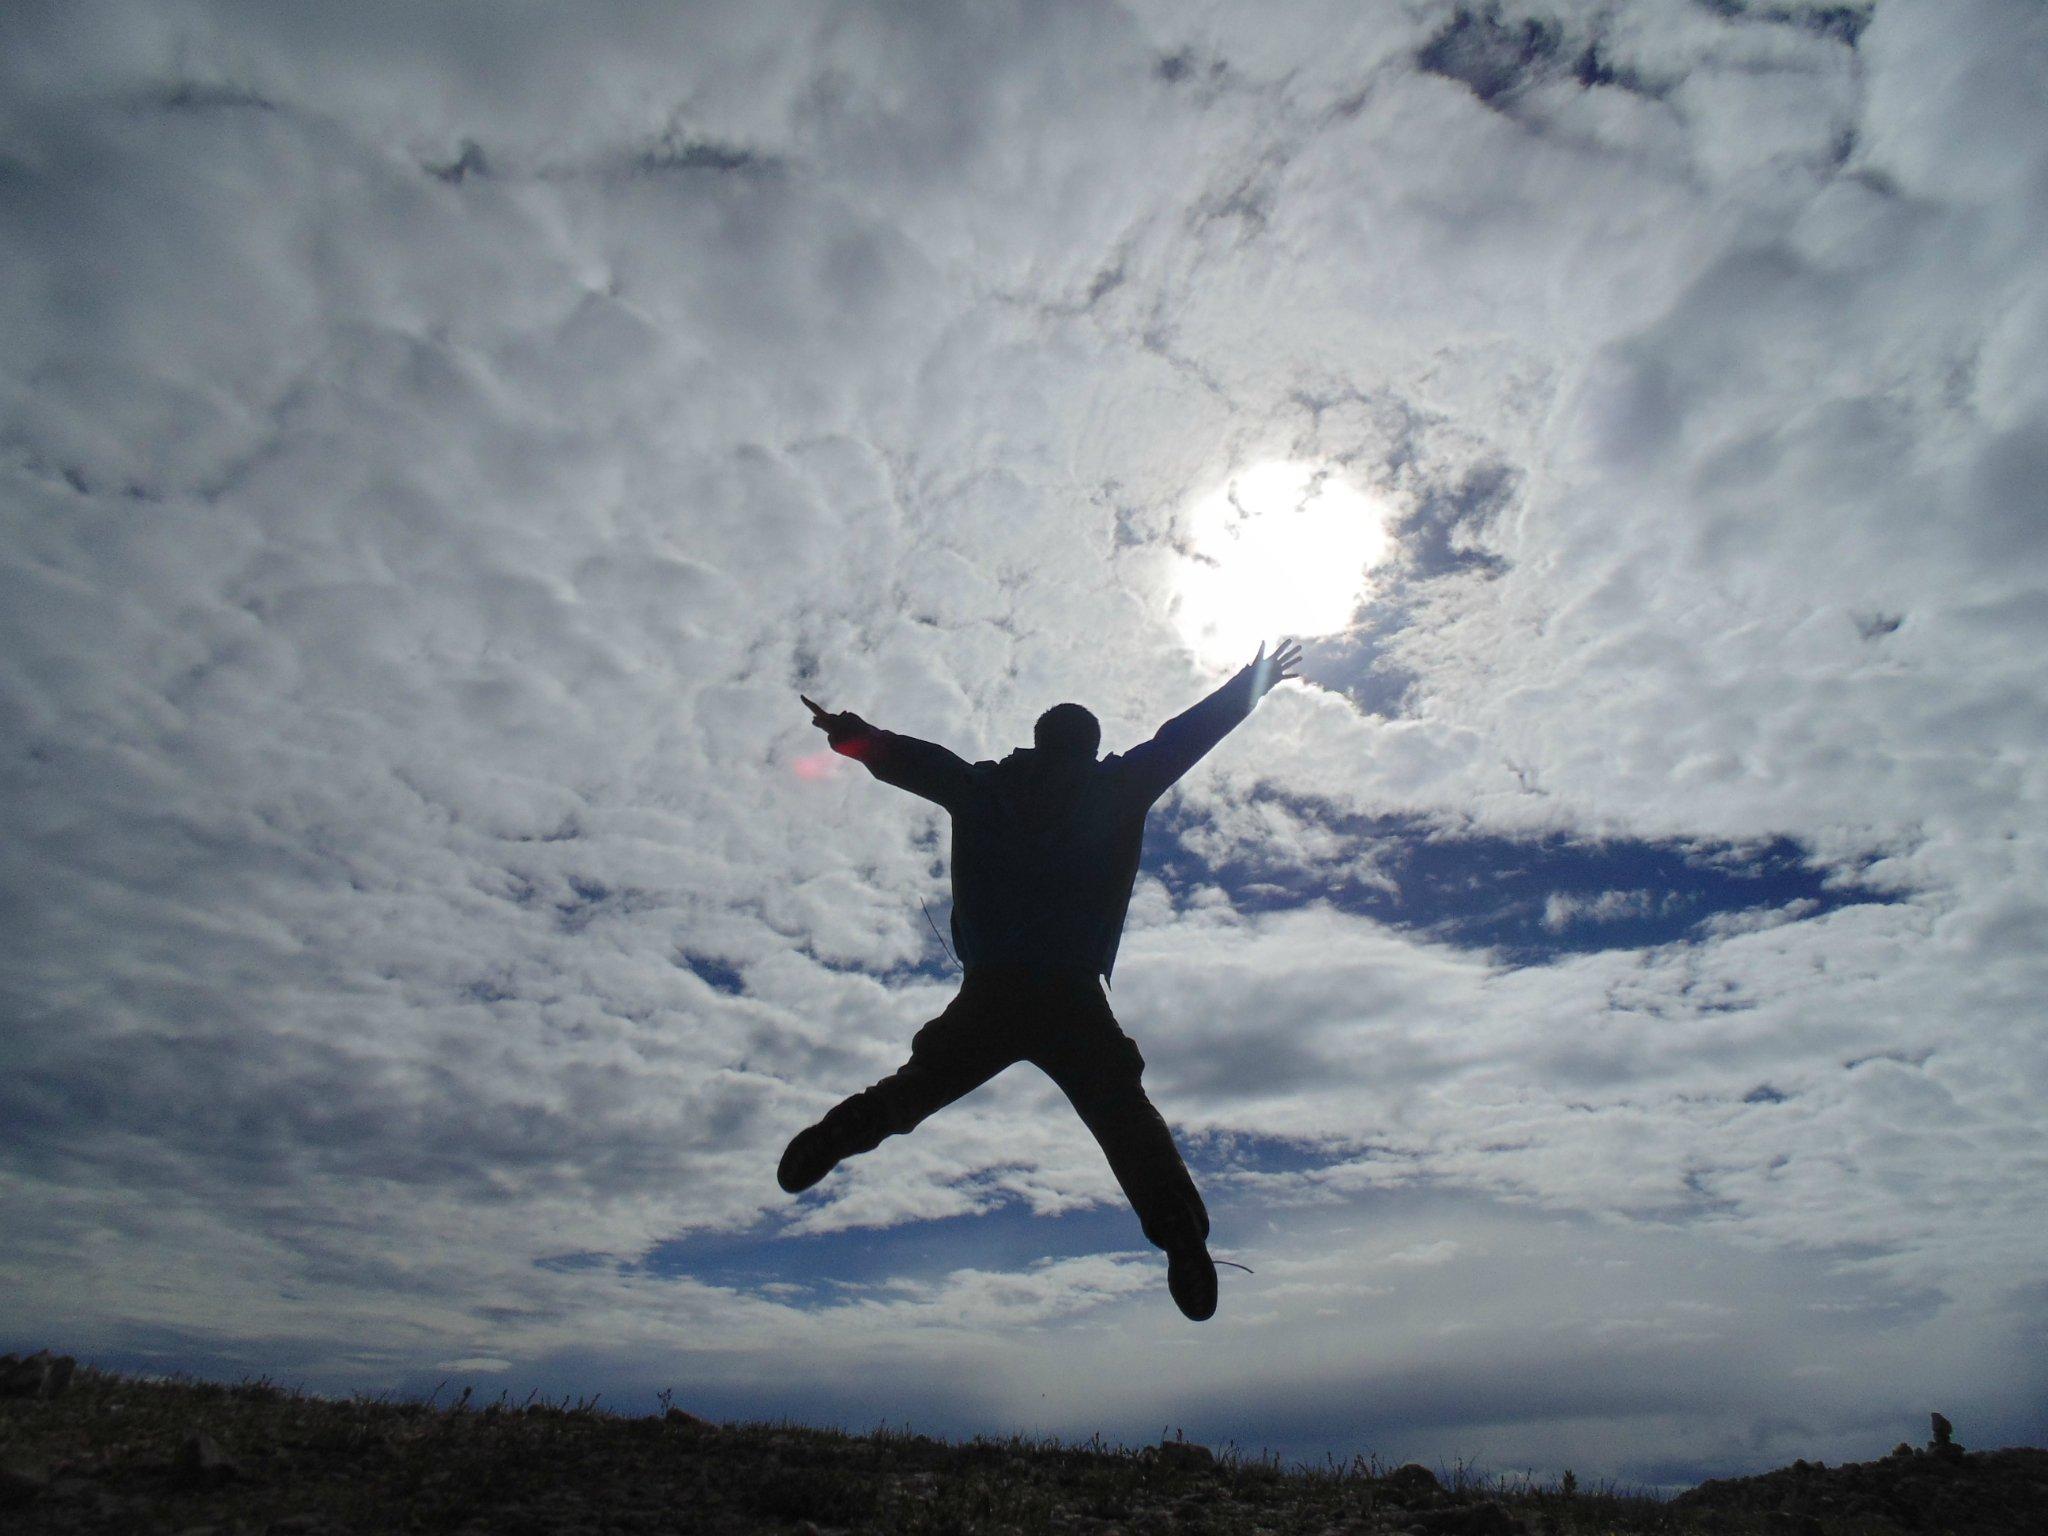 【寻求出版】《徒步搭车去西藏》 ——漫行者余笑人